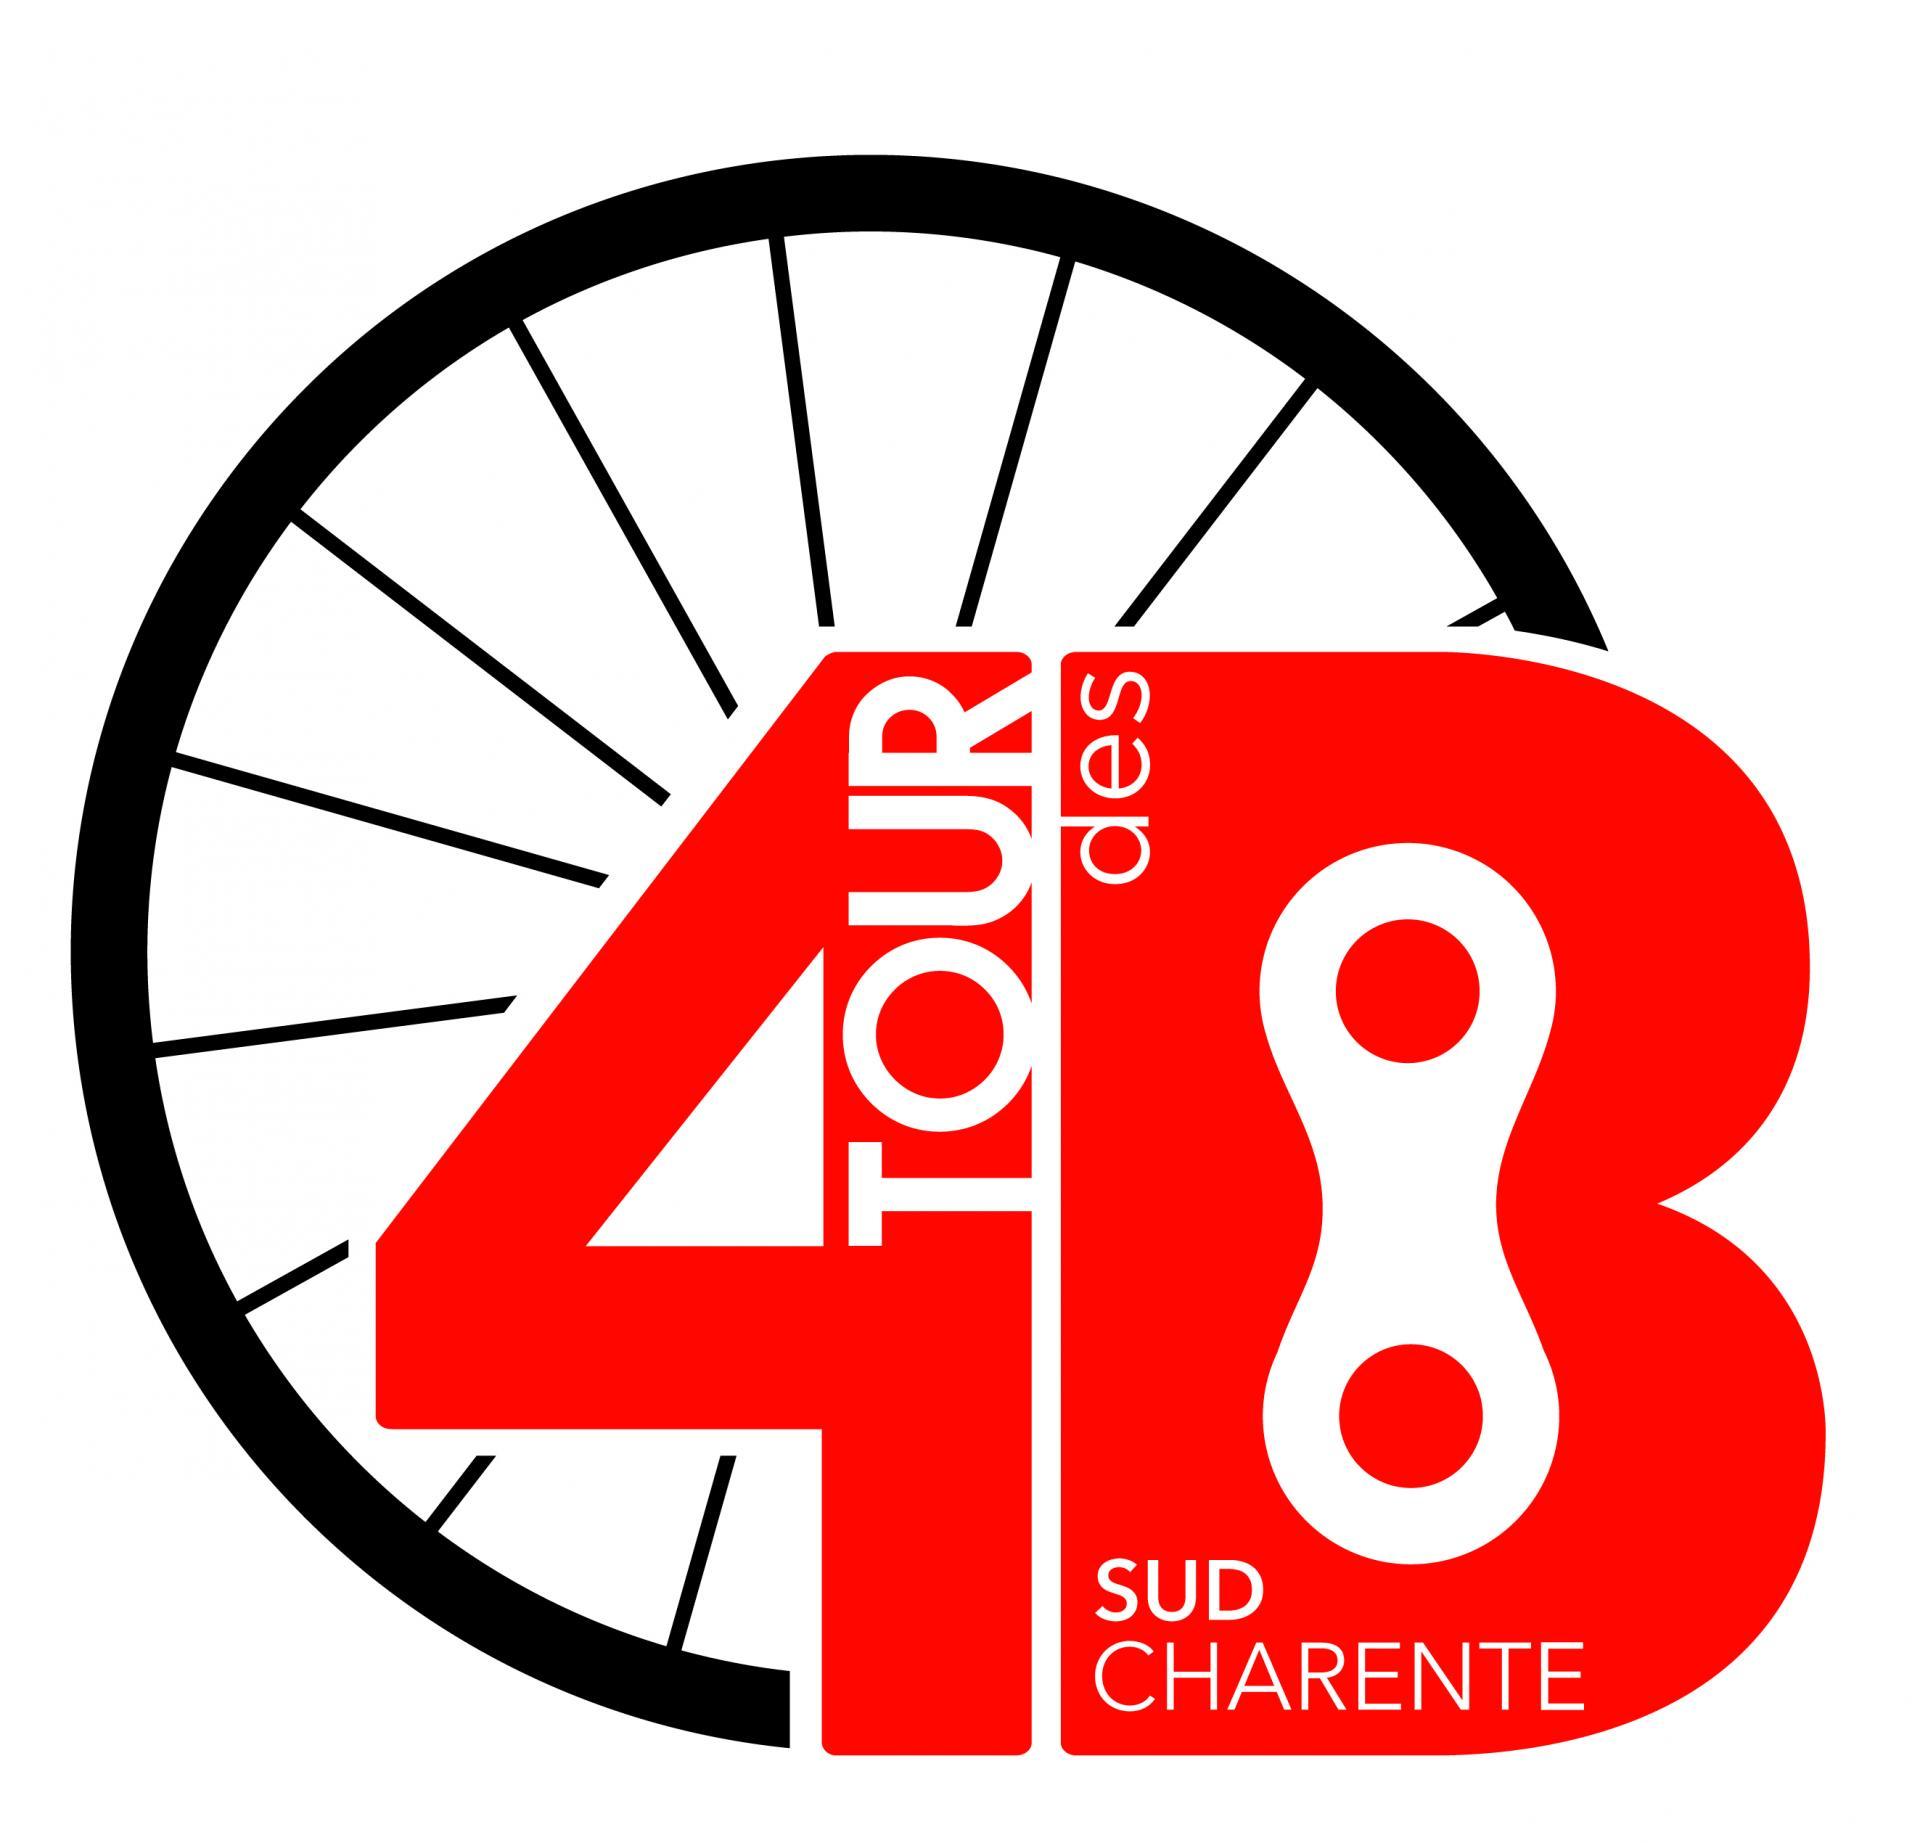 T4B 2021 - Tour des 4B Sud Charente Mutuelle de Poitiers Assurances